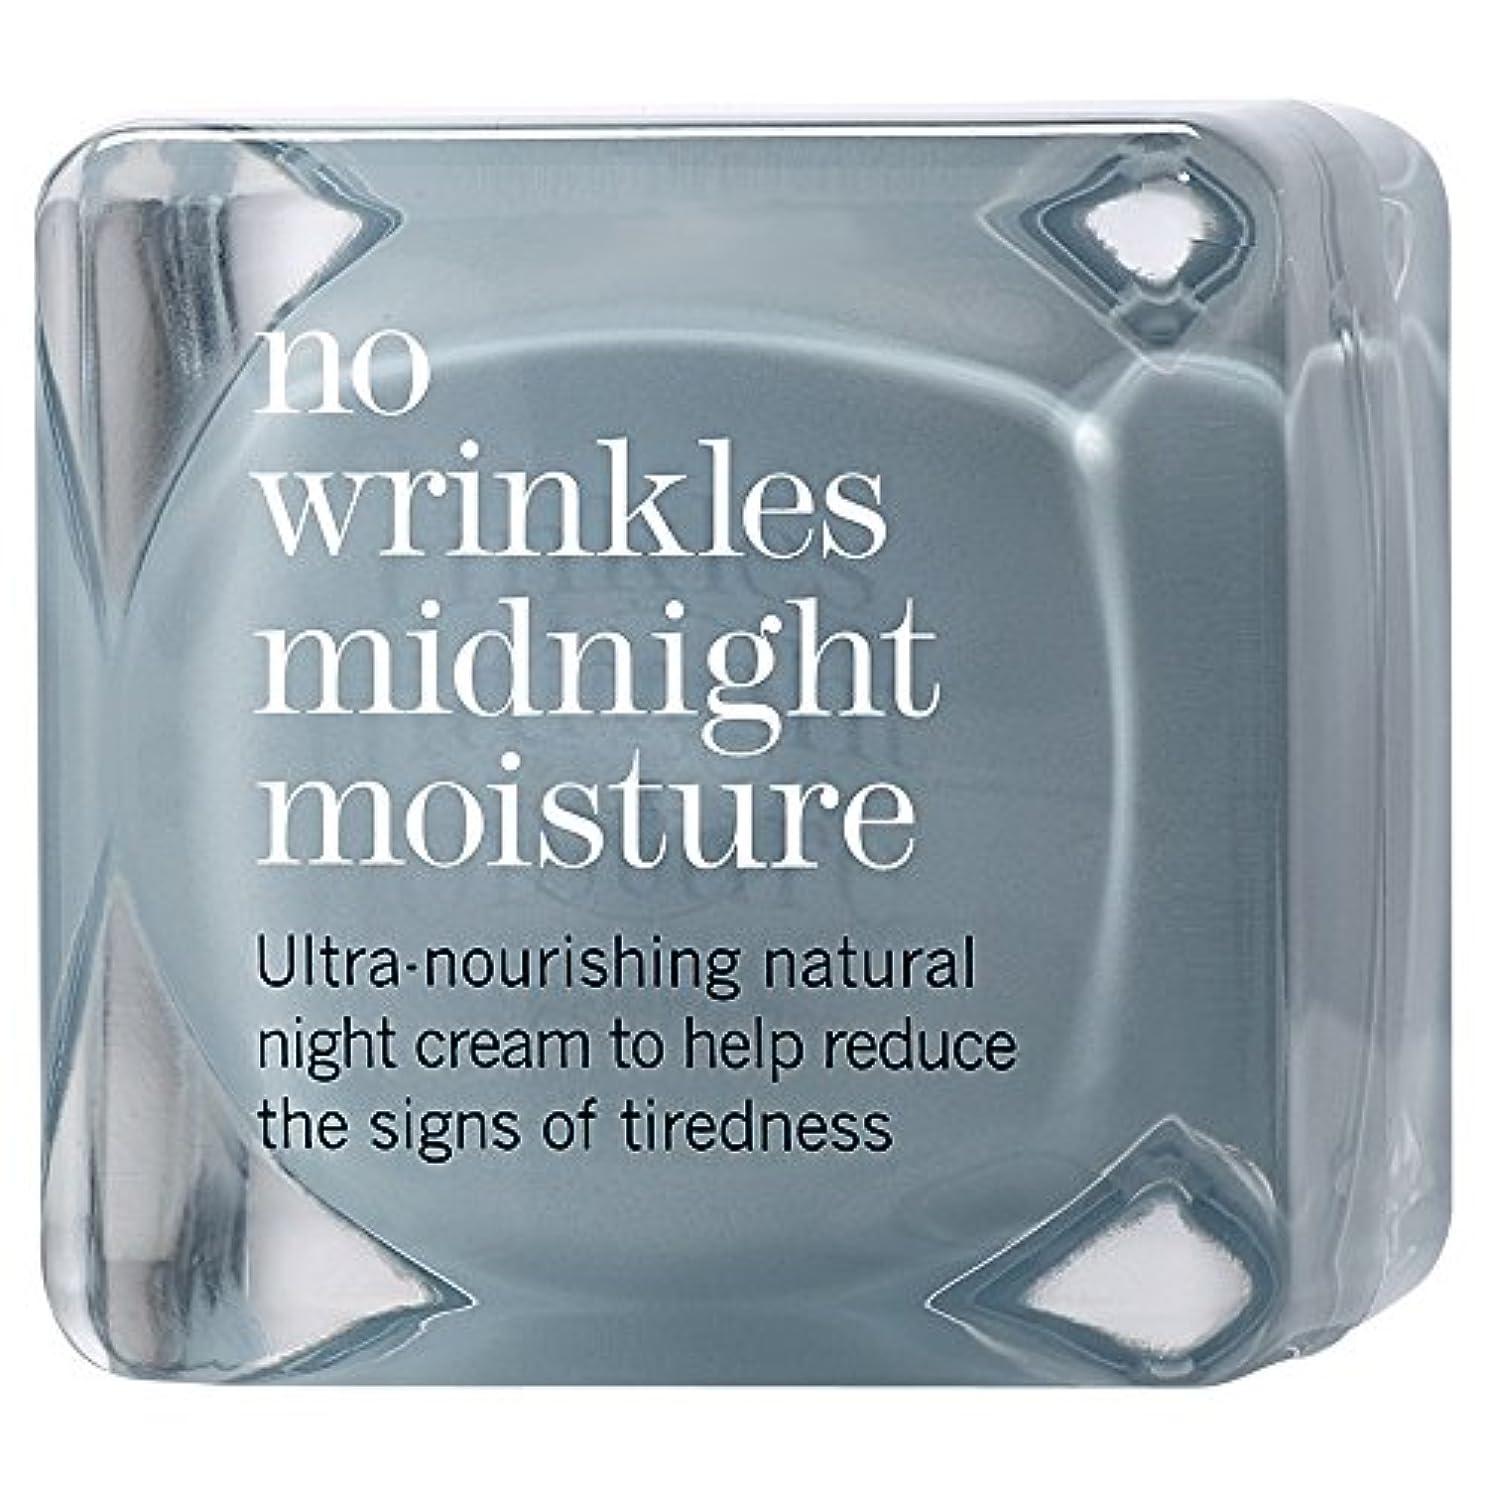 スタッフ老朽化した重力これにはしわ真夜中の水分48ミリリットルの作品はありません (This Works) (x6) - This Works No Wrinkles Midnight Moisture 48ml (Pack of 6) [並行輸入品]